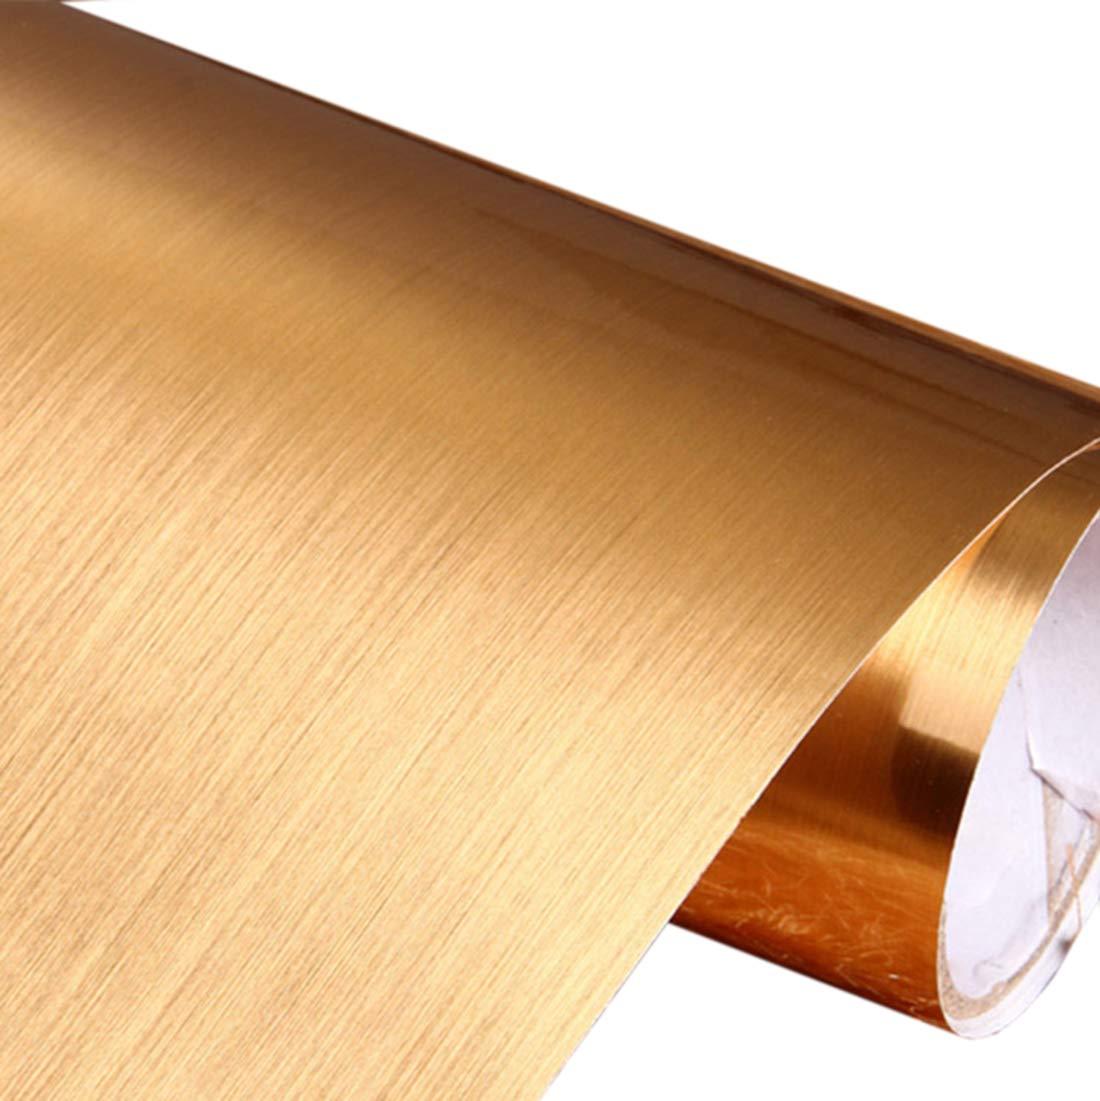 Peel et bâton en métal brossé Contact papier autocollant film vinyle Shelf Liner pour couvrir pour Dosseret four lave-vaisselle Pantry Appliances (61x 297,2cm, Or) 2cm MagicValley GL001